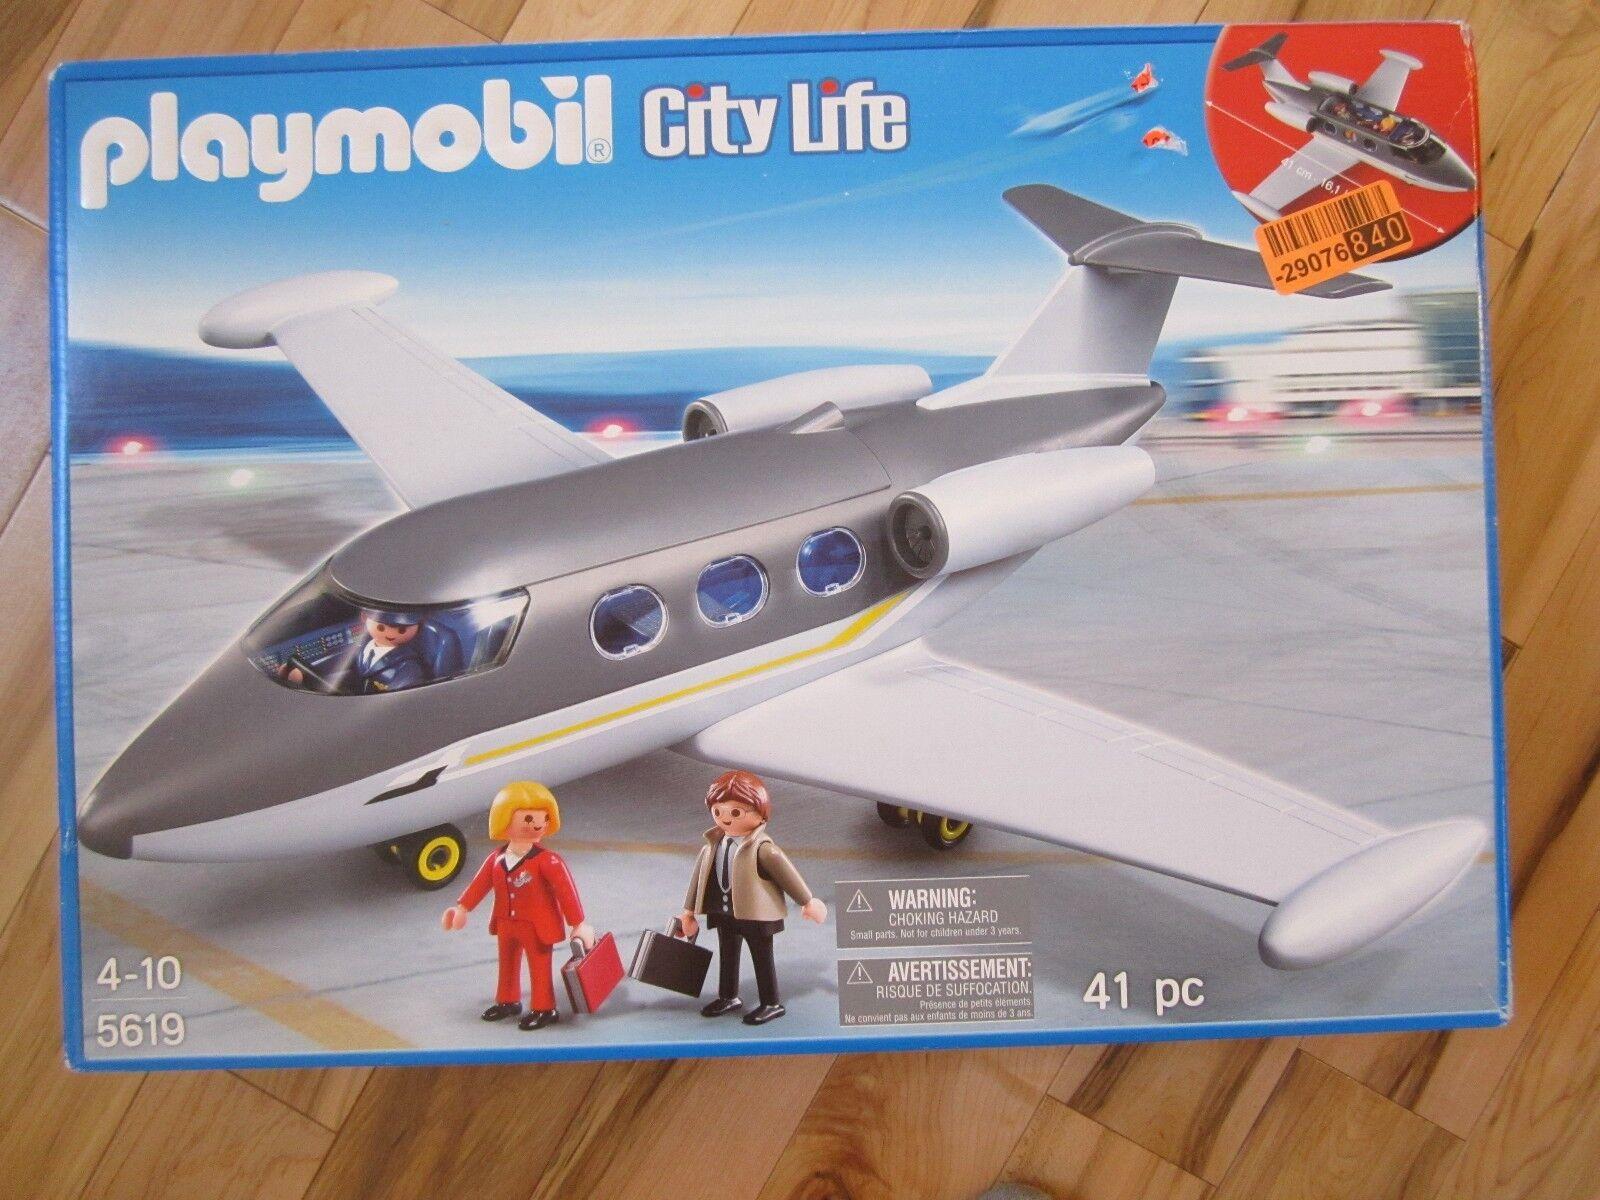 PLAYMOBIL 5619 città Life Airplane Passengers Set  41 pc. Lot Private Jet nuovo giocattolo  garantito